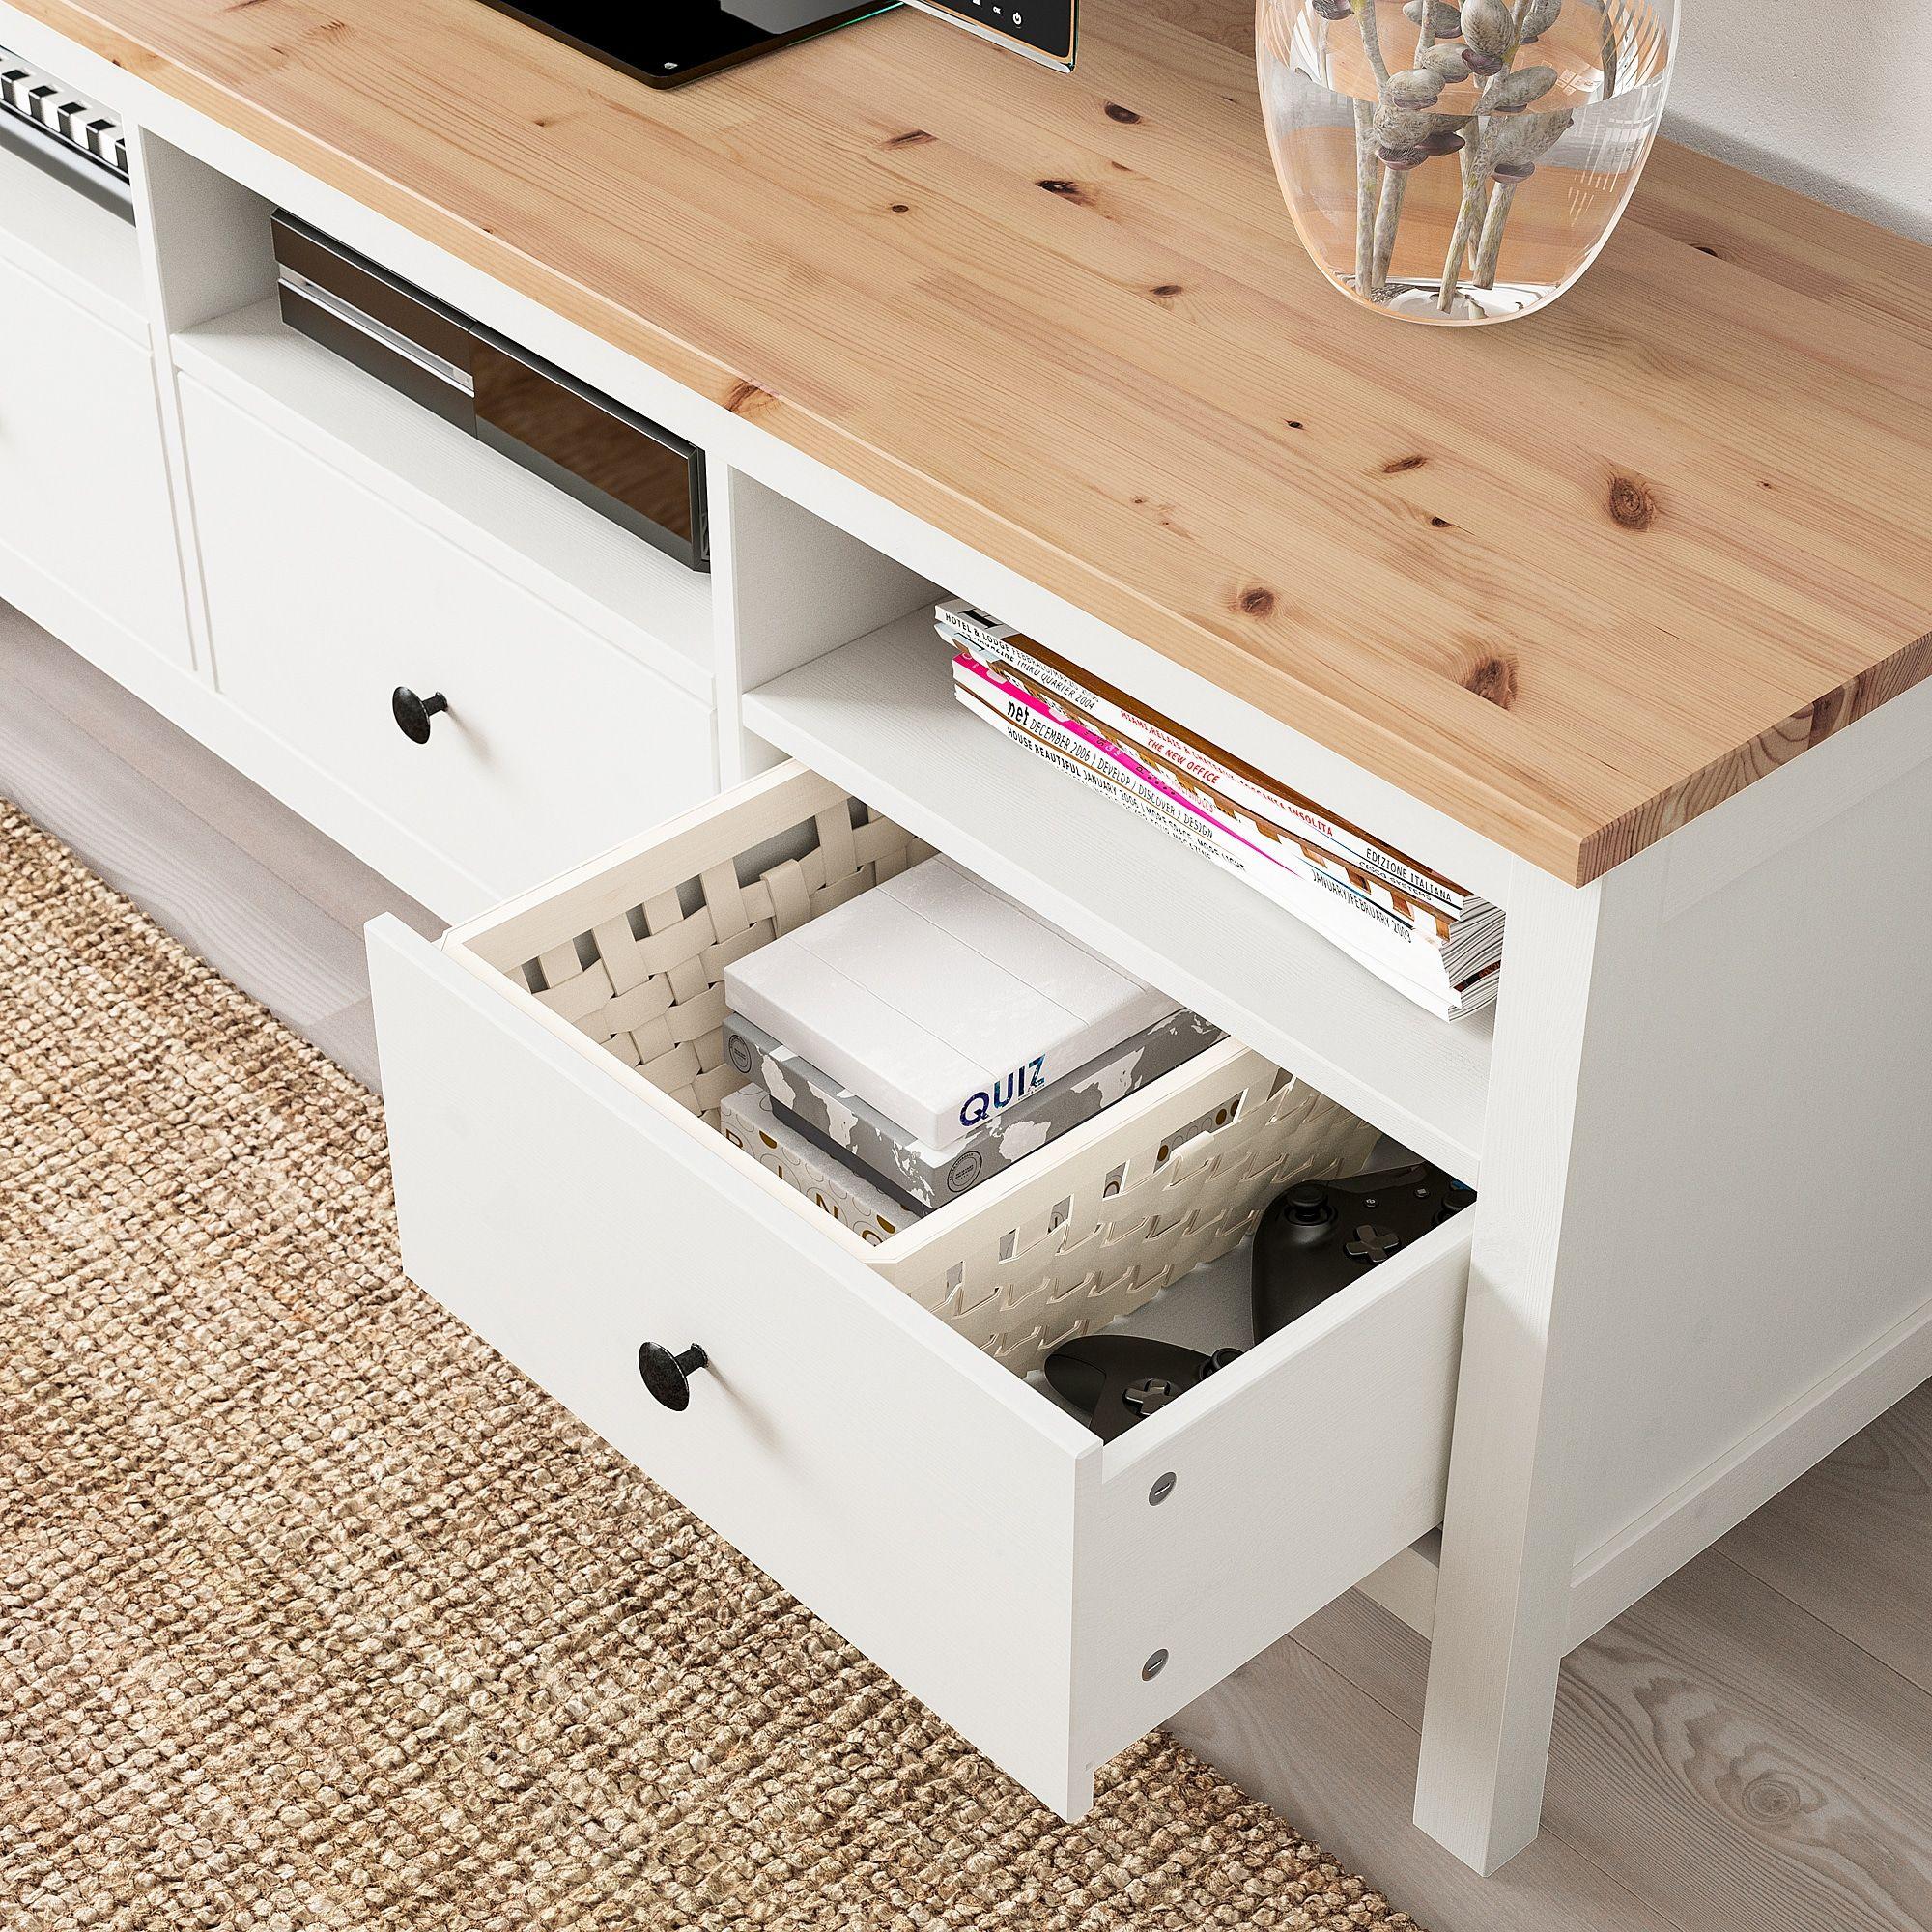 Groot Landelijk Tv Meubel.Us Furniture And Home Furnishings Ikea Tv Stand Hemnes Tv